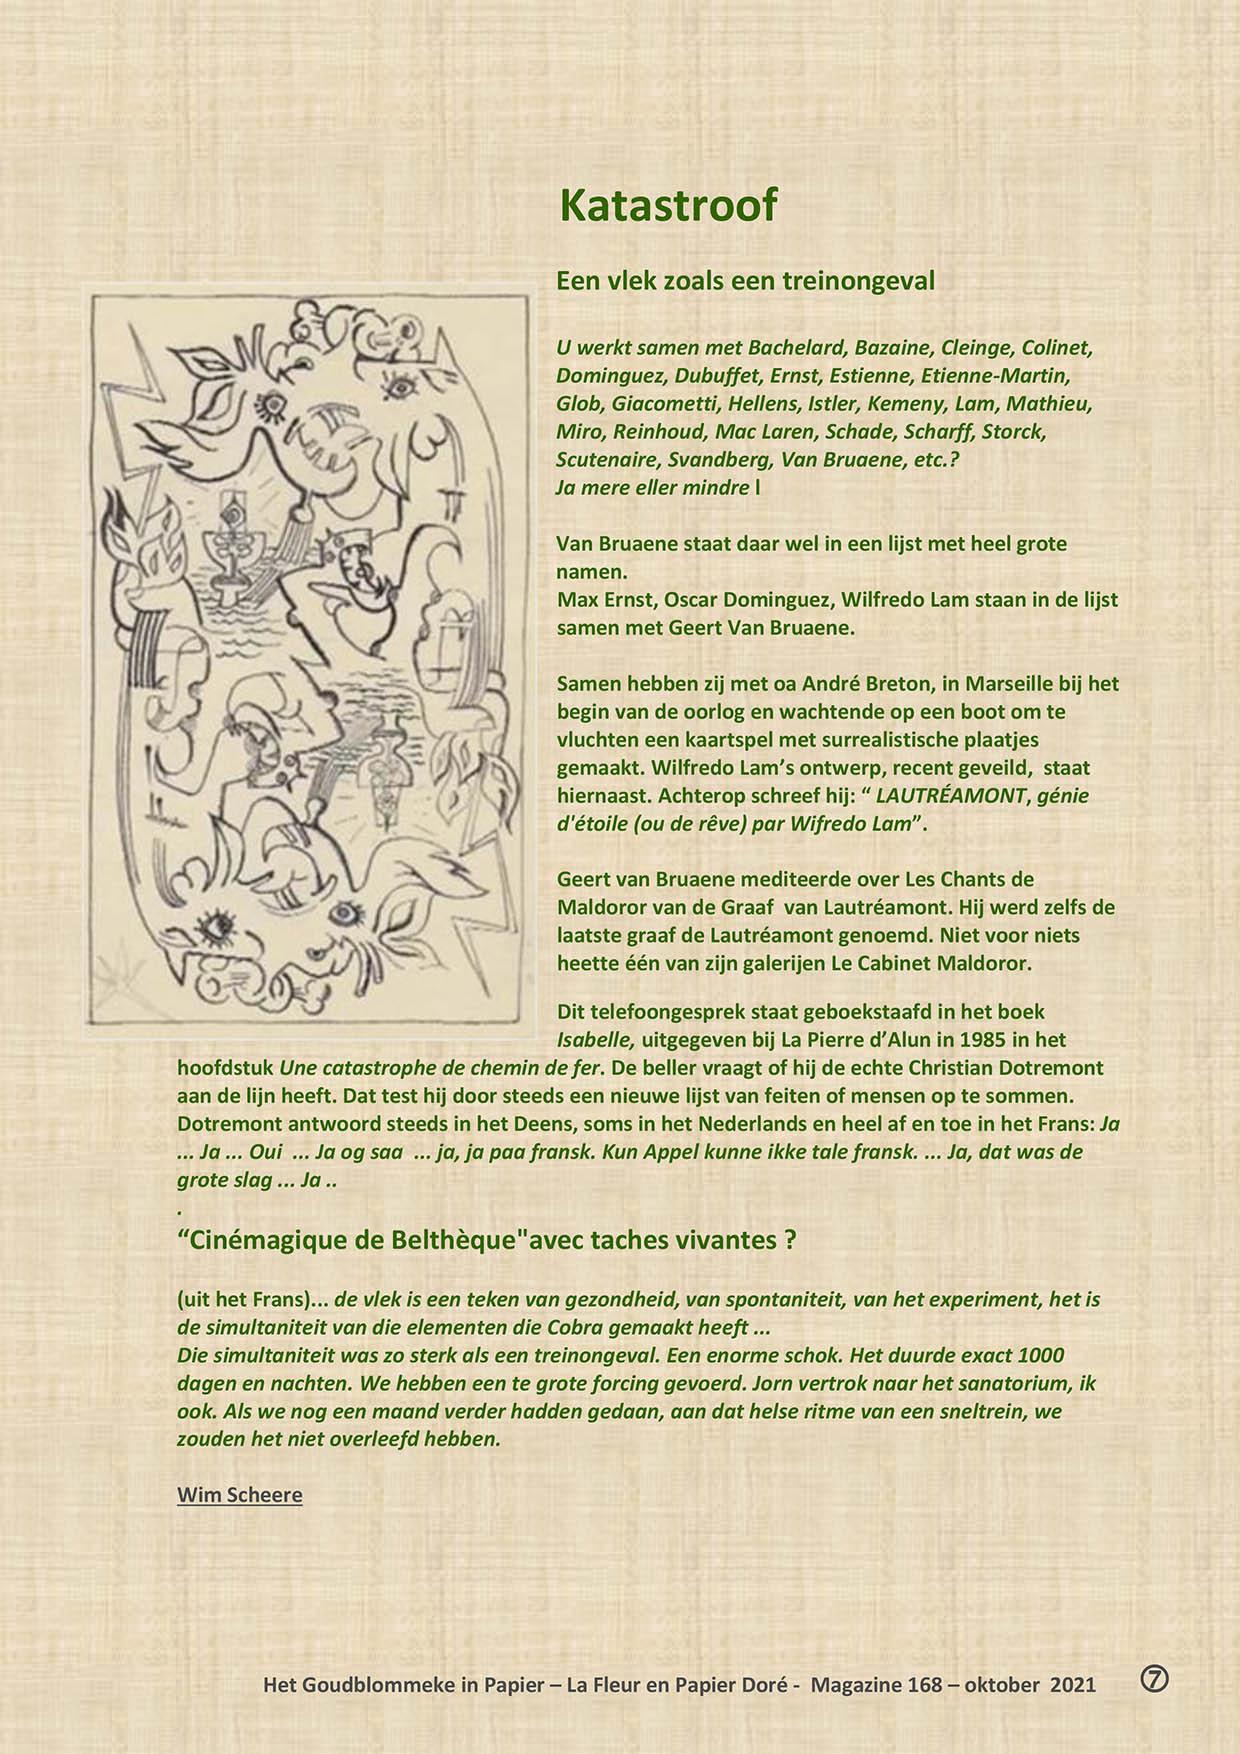 La Fleur en Papier Doré parle des éditions de la pierre d'alun